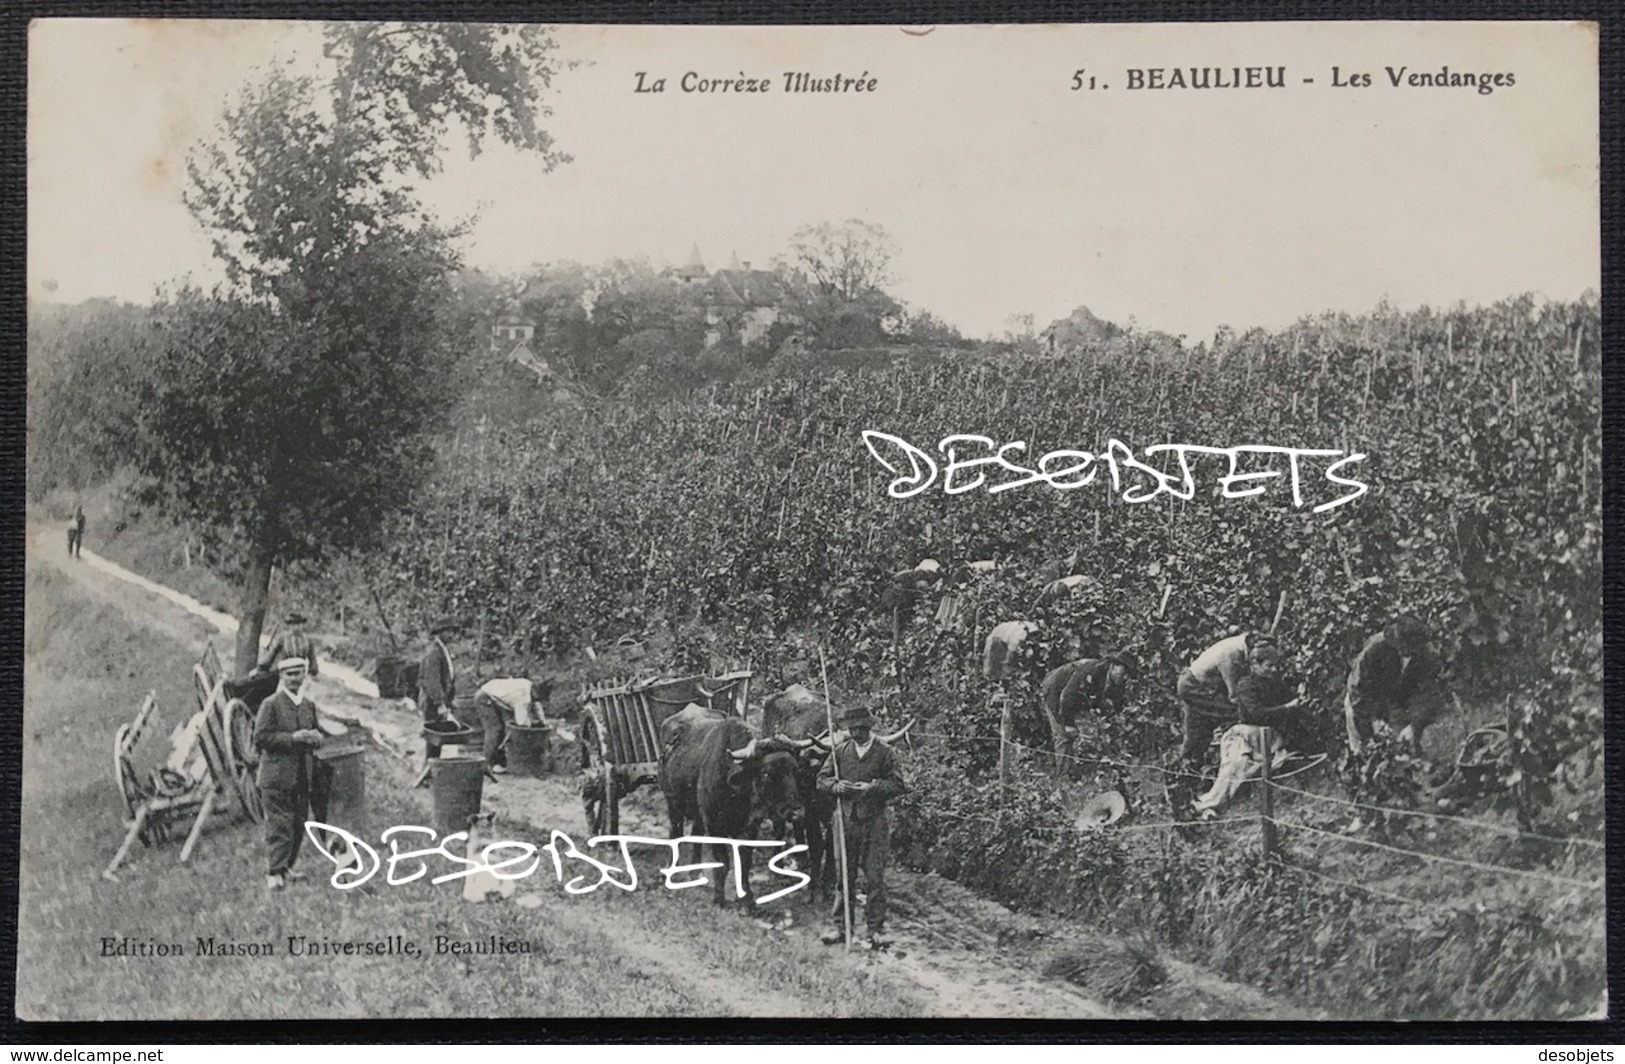 La Corrèze Illustrée  51. BEAULIEU - Les Vendanges - France